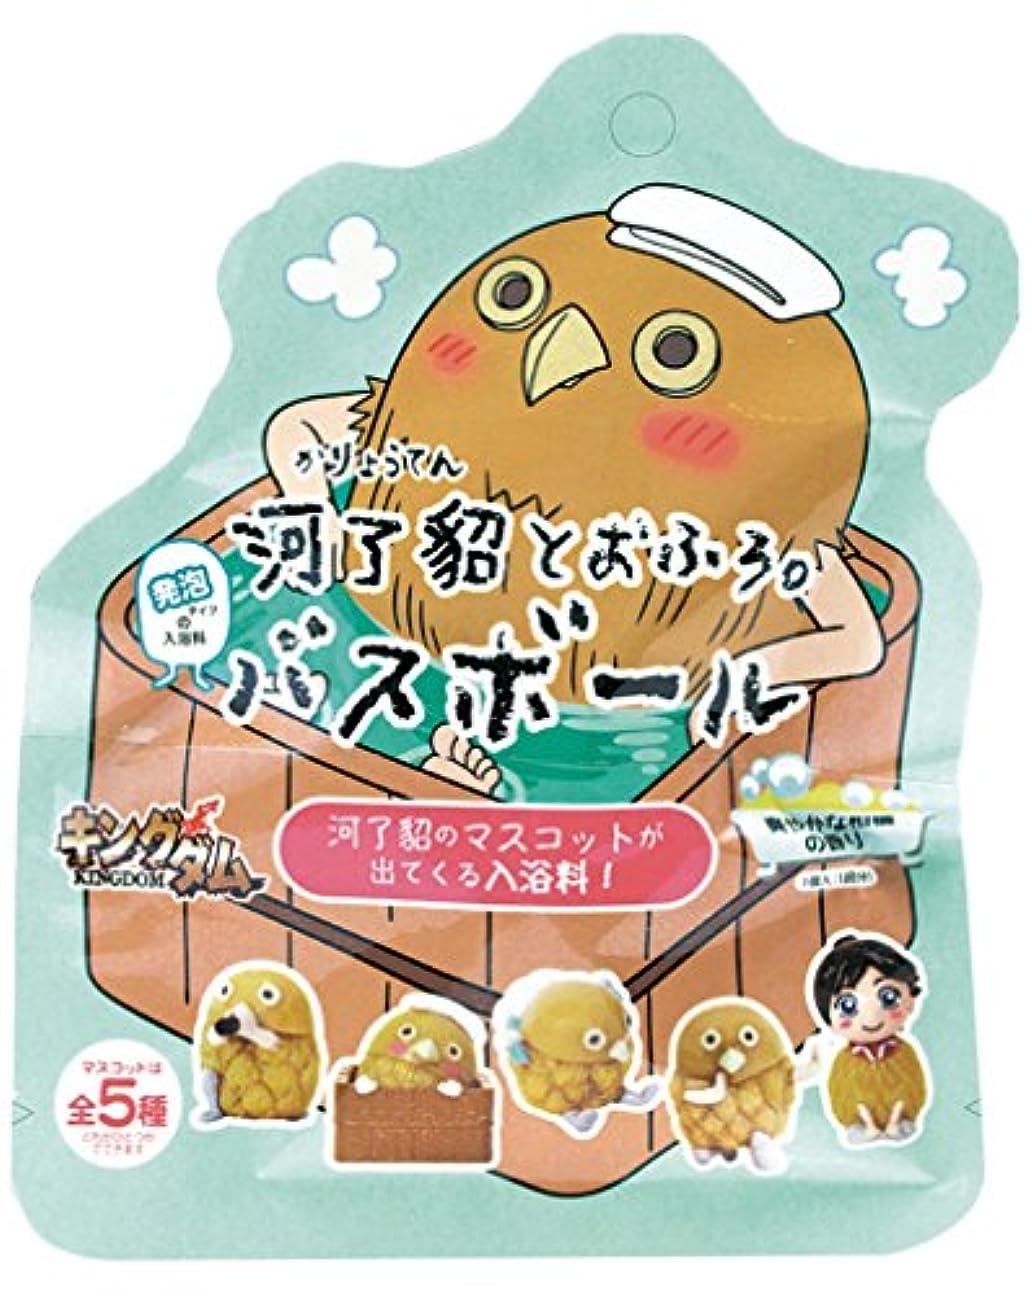 カウボーイ感じ系譜キングダム 入浴剤 バスボール 柑橘の香り 60g マスコット入り OB-GMB-1-1